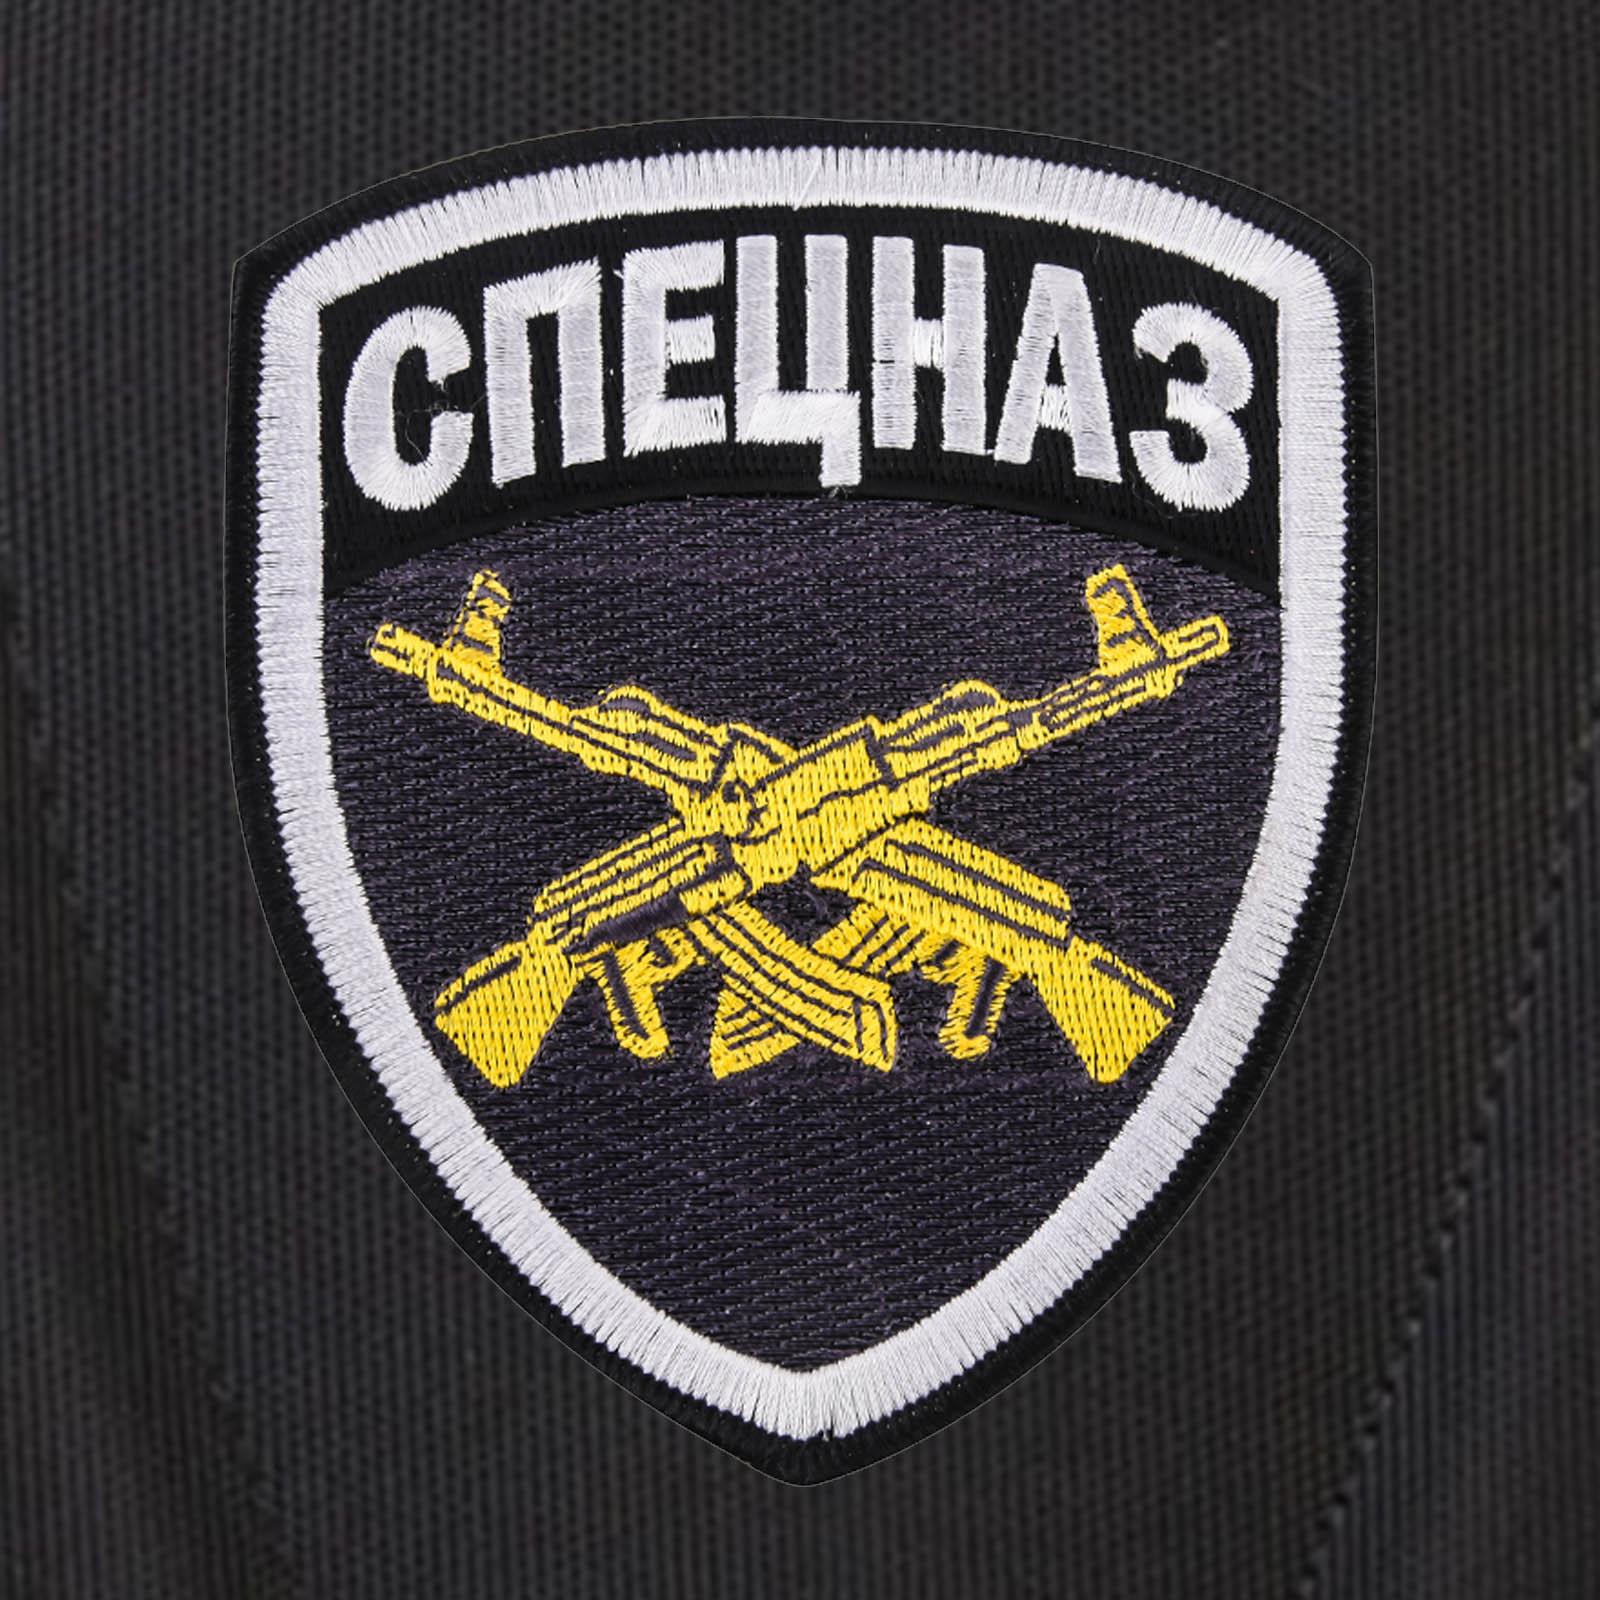 Мужской черный рюкзак с нашивкой Спецназ  купить выгодно